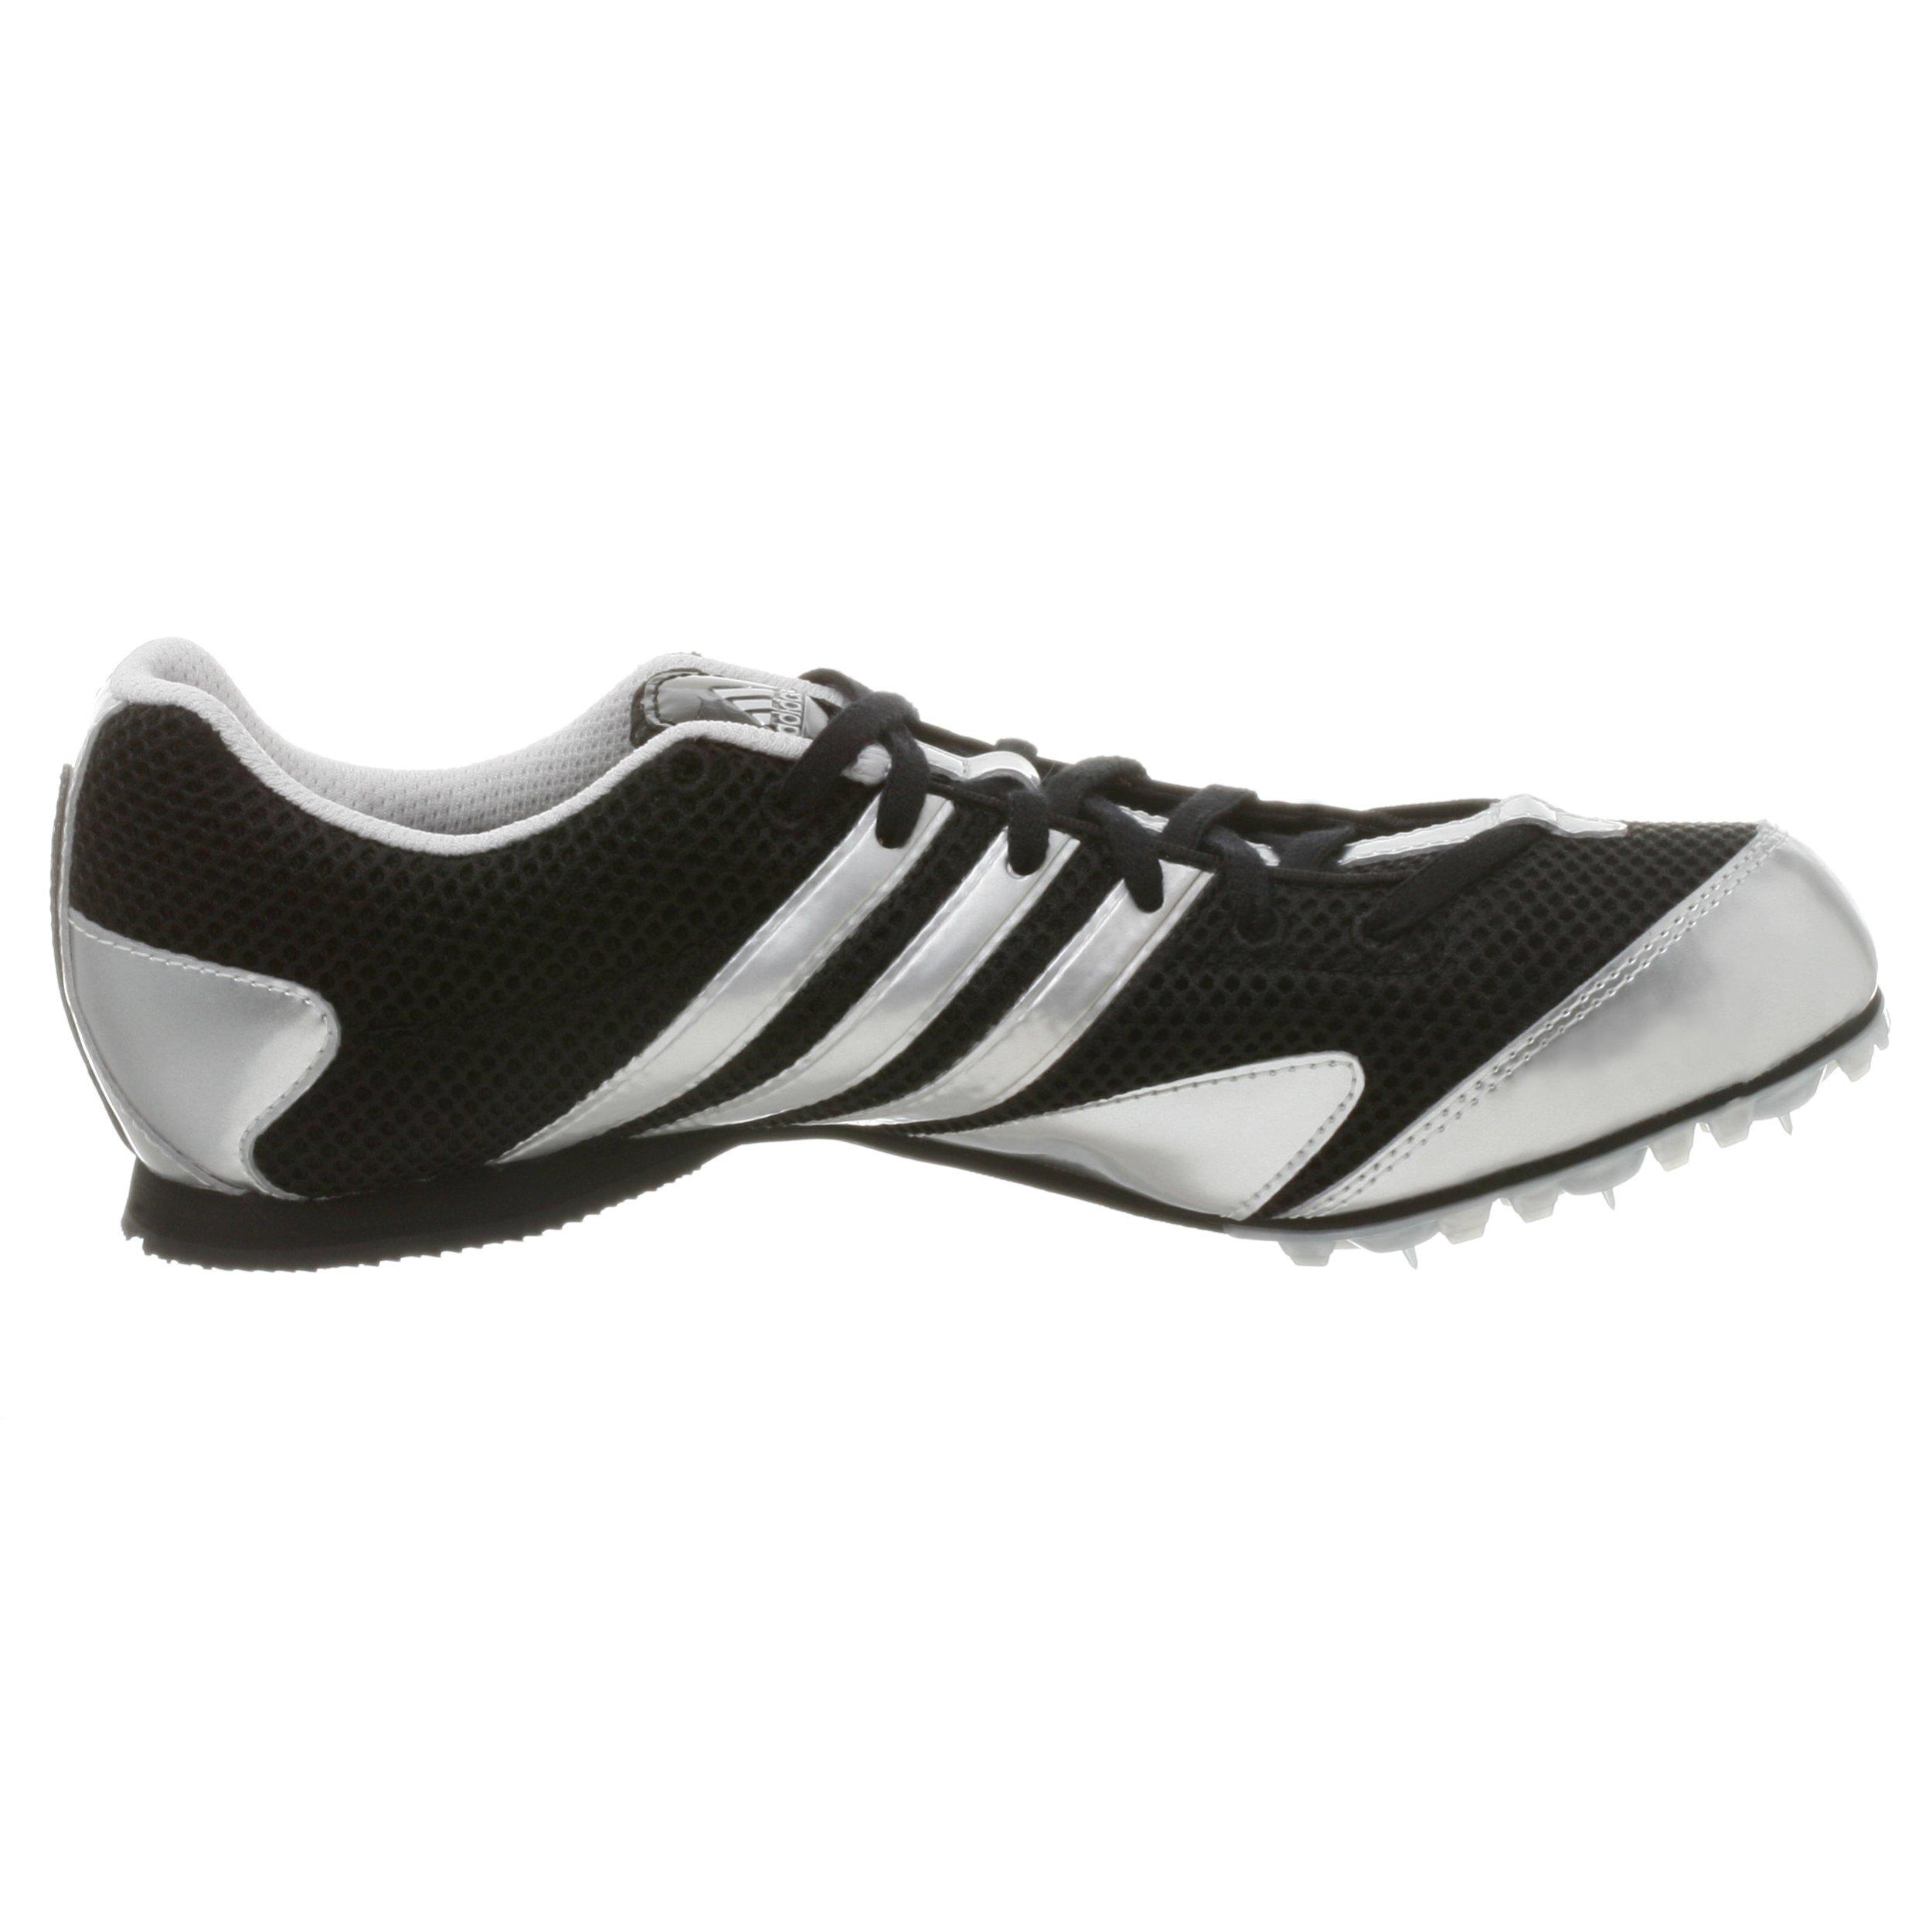 adidas Men's Cosmos 07 Track Shoe,Black/Metsilver/Blk,7.5 M by adidas (Image #7)